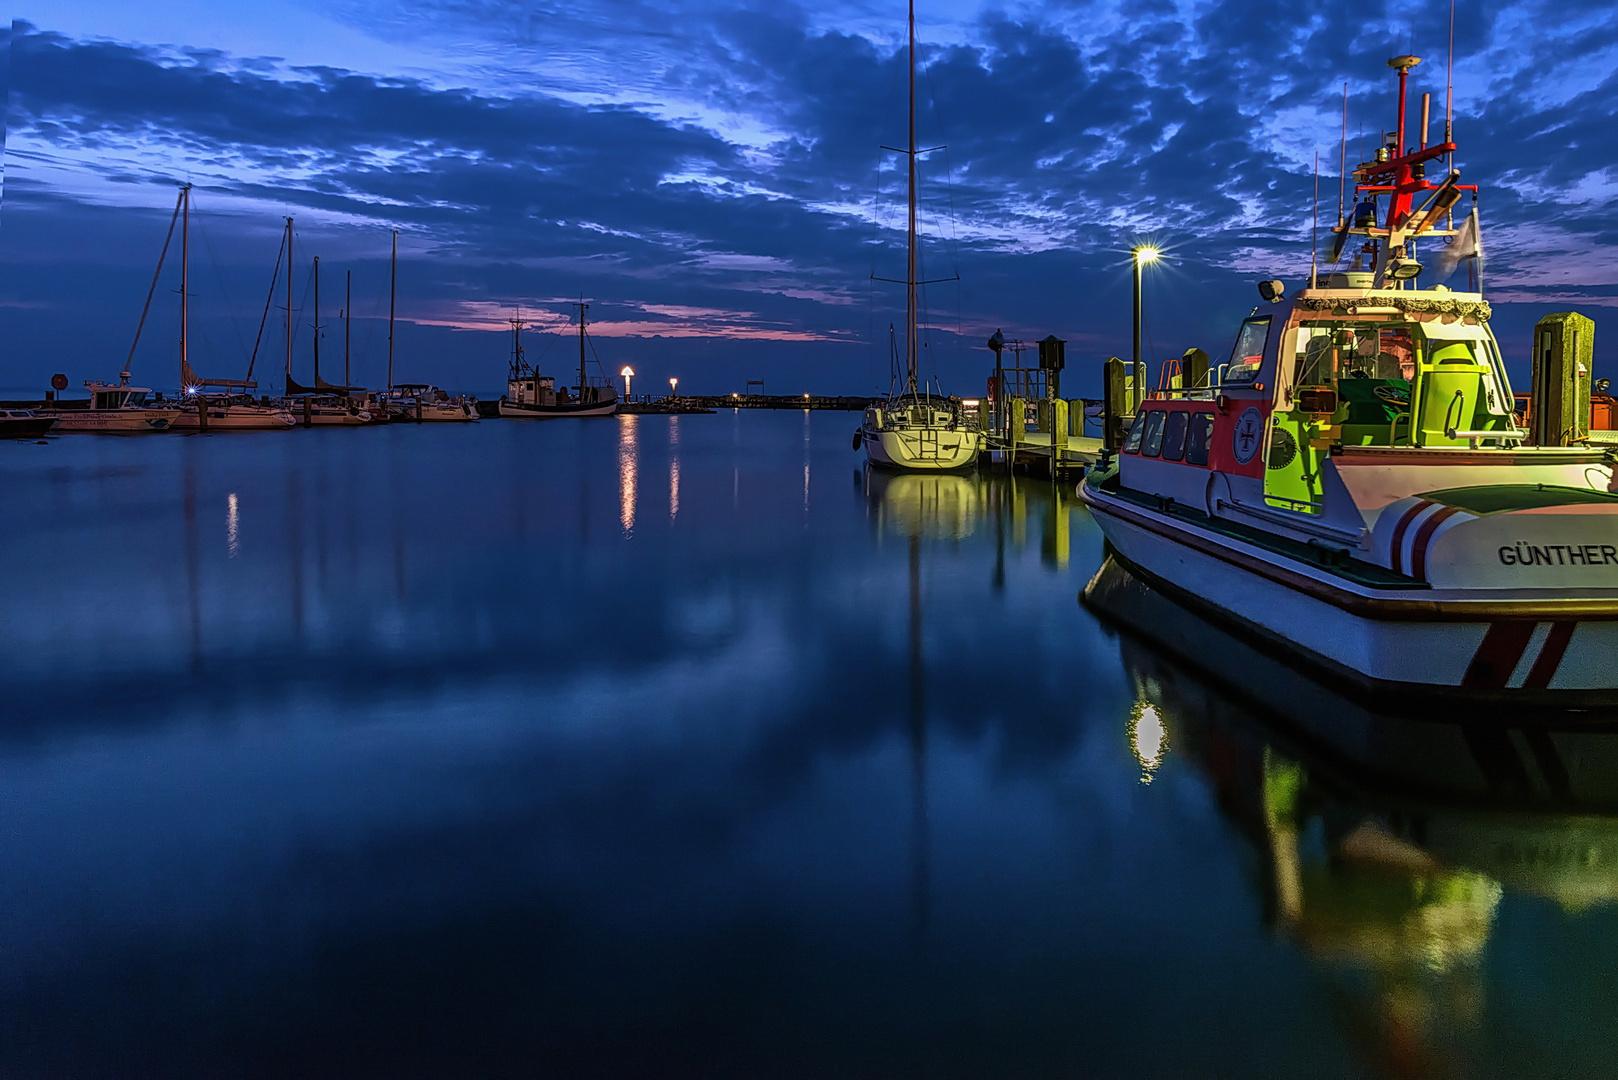 Blaue Stunde im Hafen Timmendorf (Insel Poel)